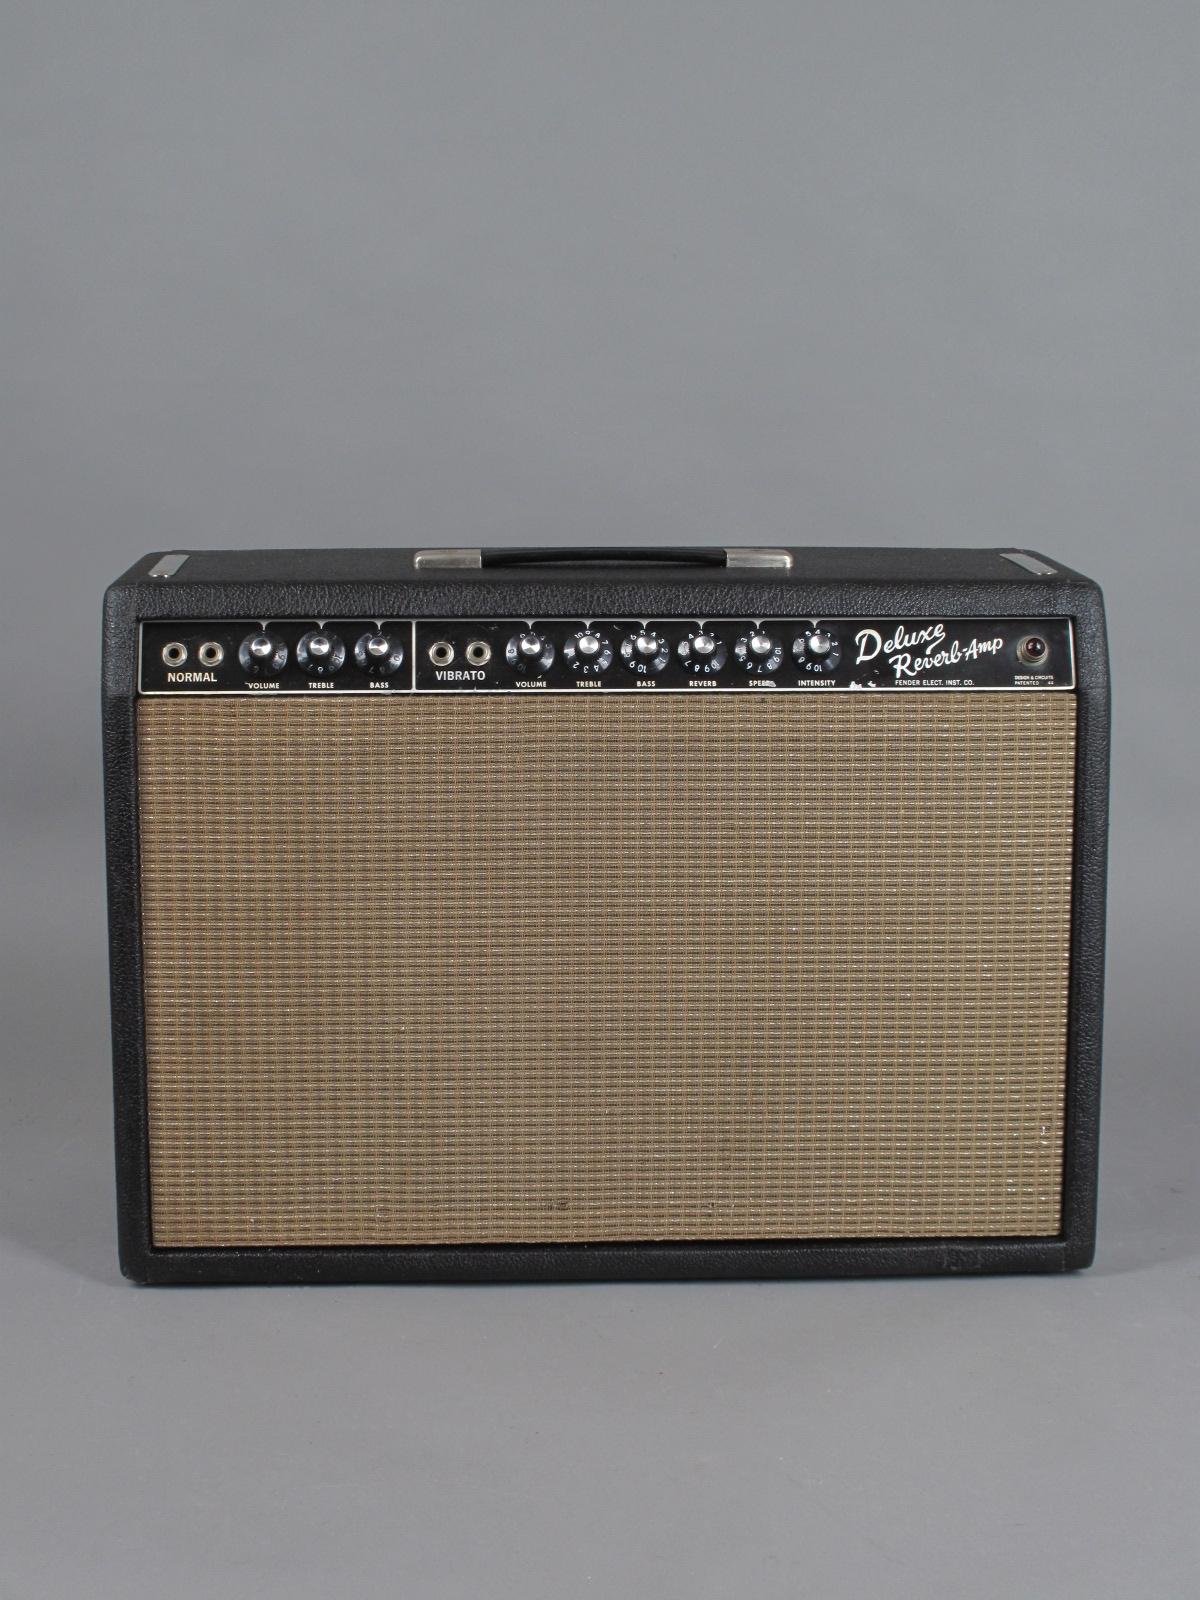 https://guitarpoint.de/app/uploads/products/1964-fender-deluxe-reverb/1964-Fender-Deluxe-Reverb-A02285-1.jpg